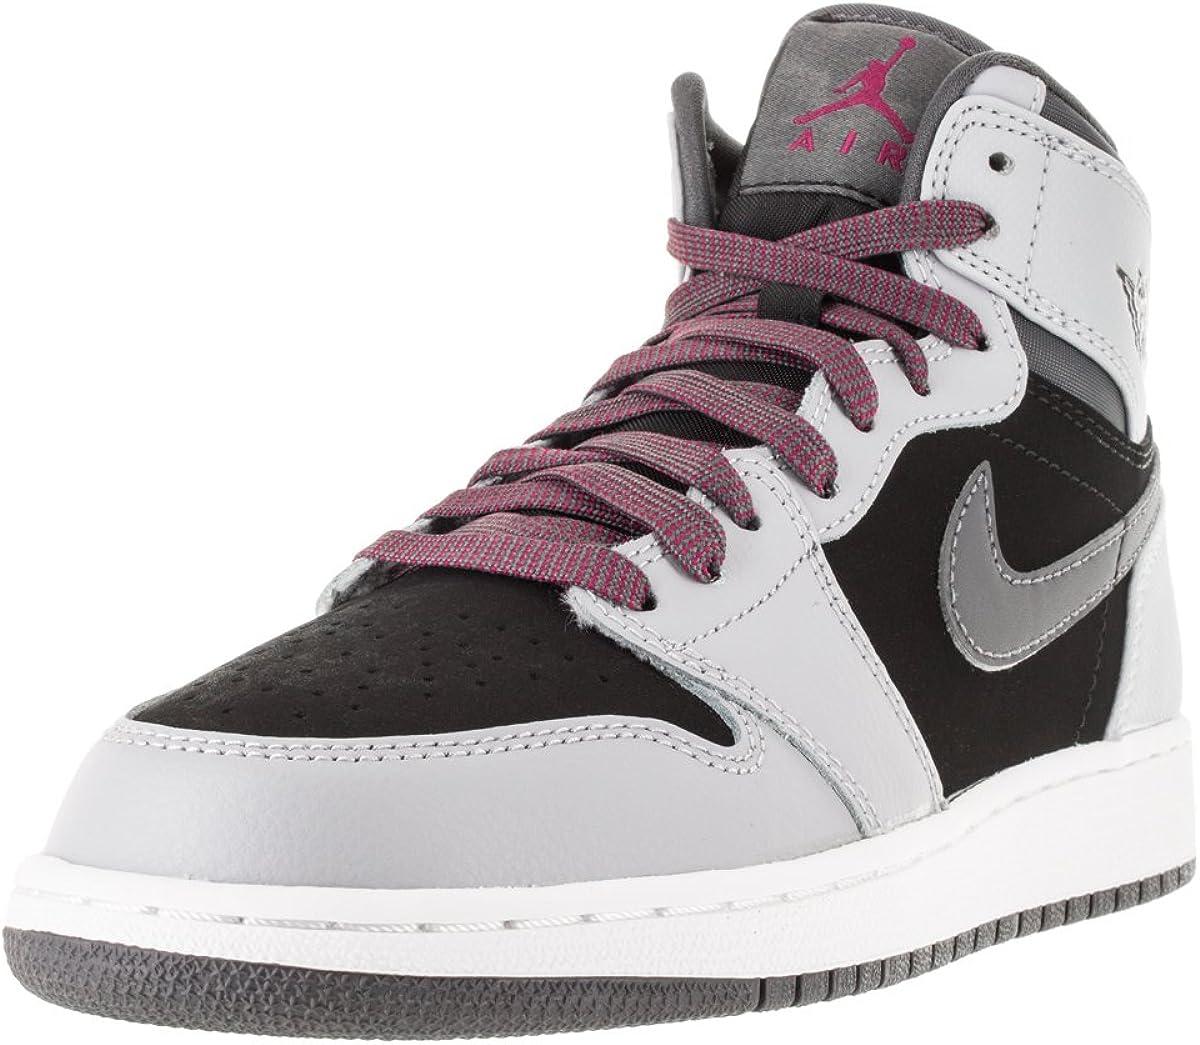 Nike Air Jordan 1 Retro High GG, Zapatillas de Running para Mujer, Gris/Negro (WLF Grey/SPRT FCHS-Blk-Drk Gry), 41 1/2 EU: Amazon.es: Zapatos y complementos